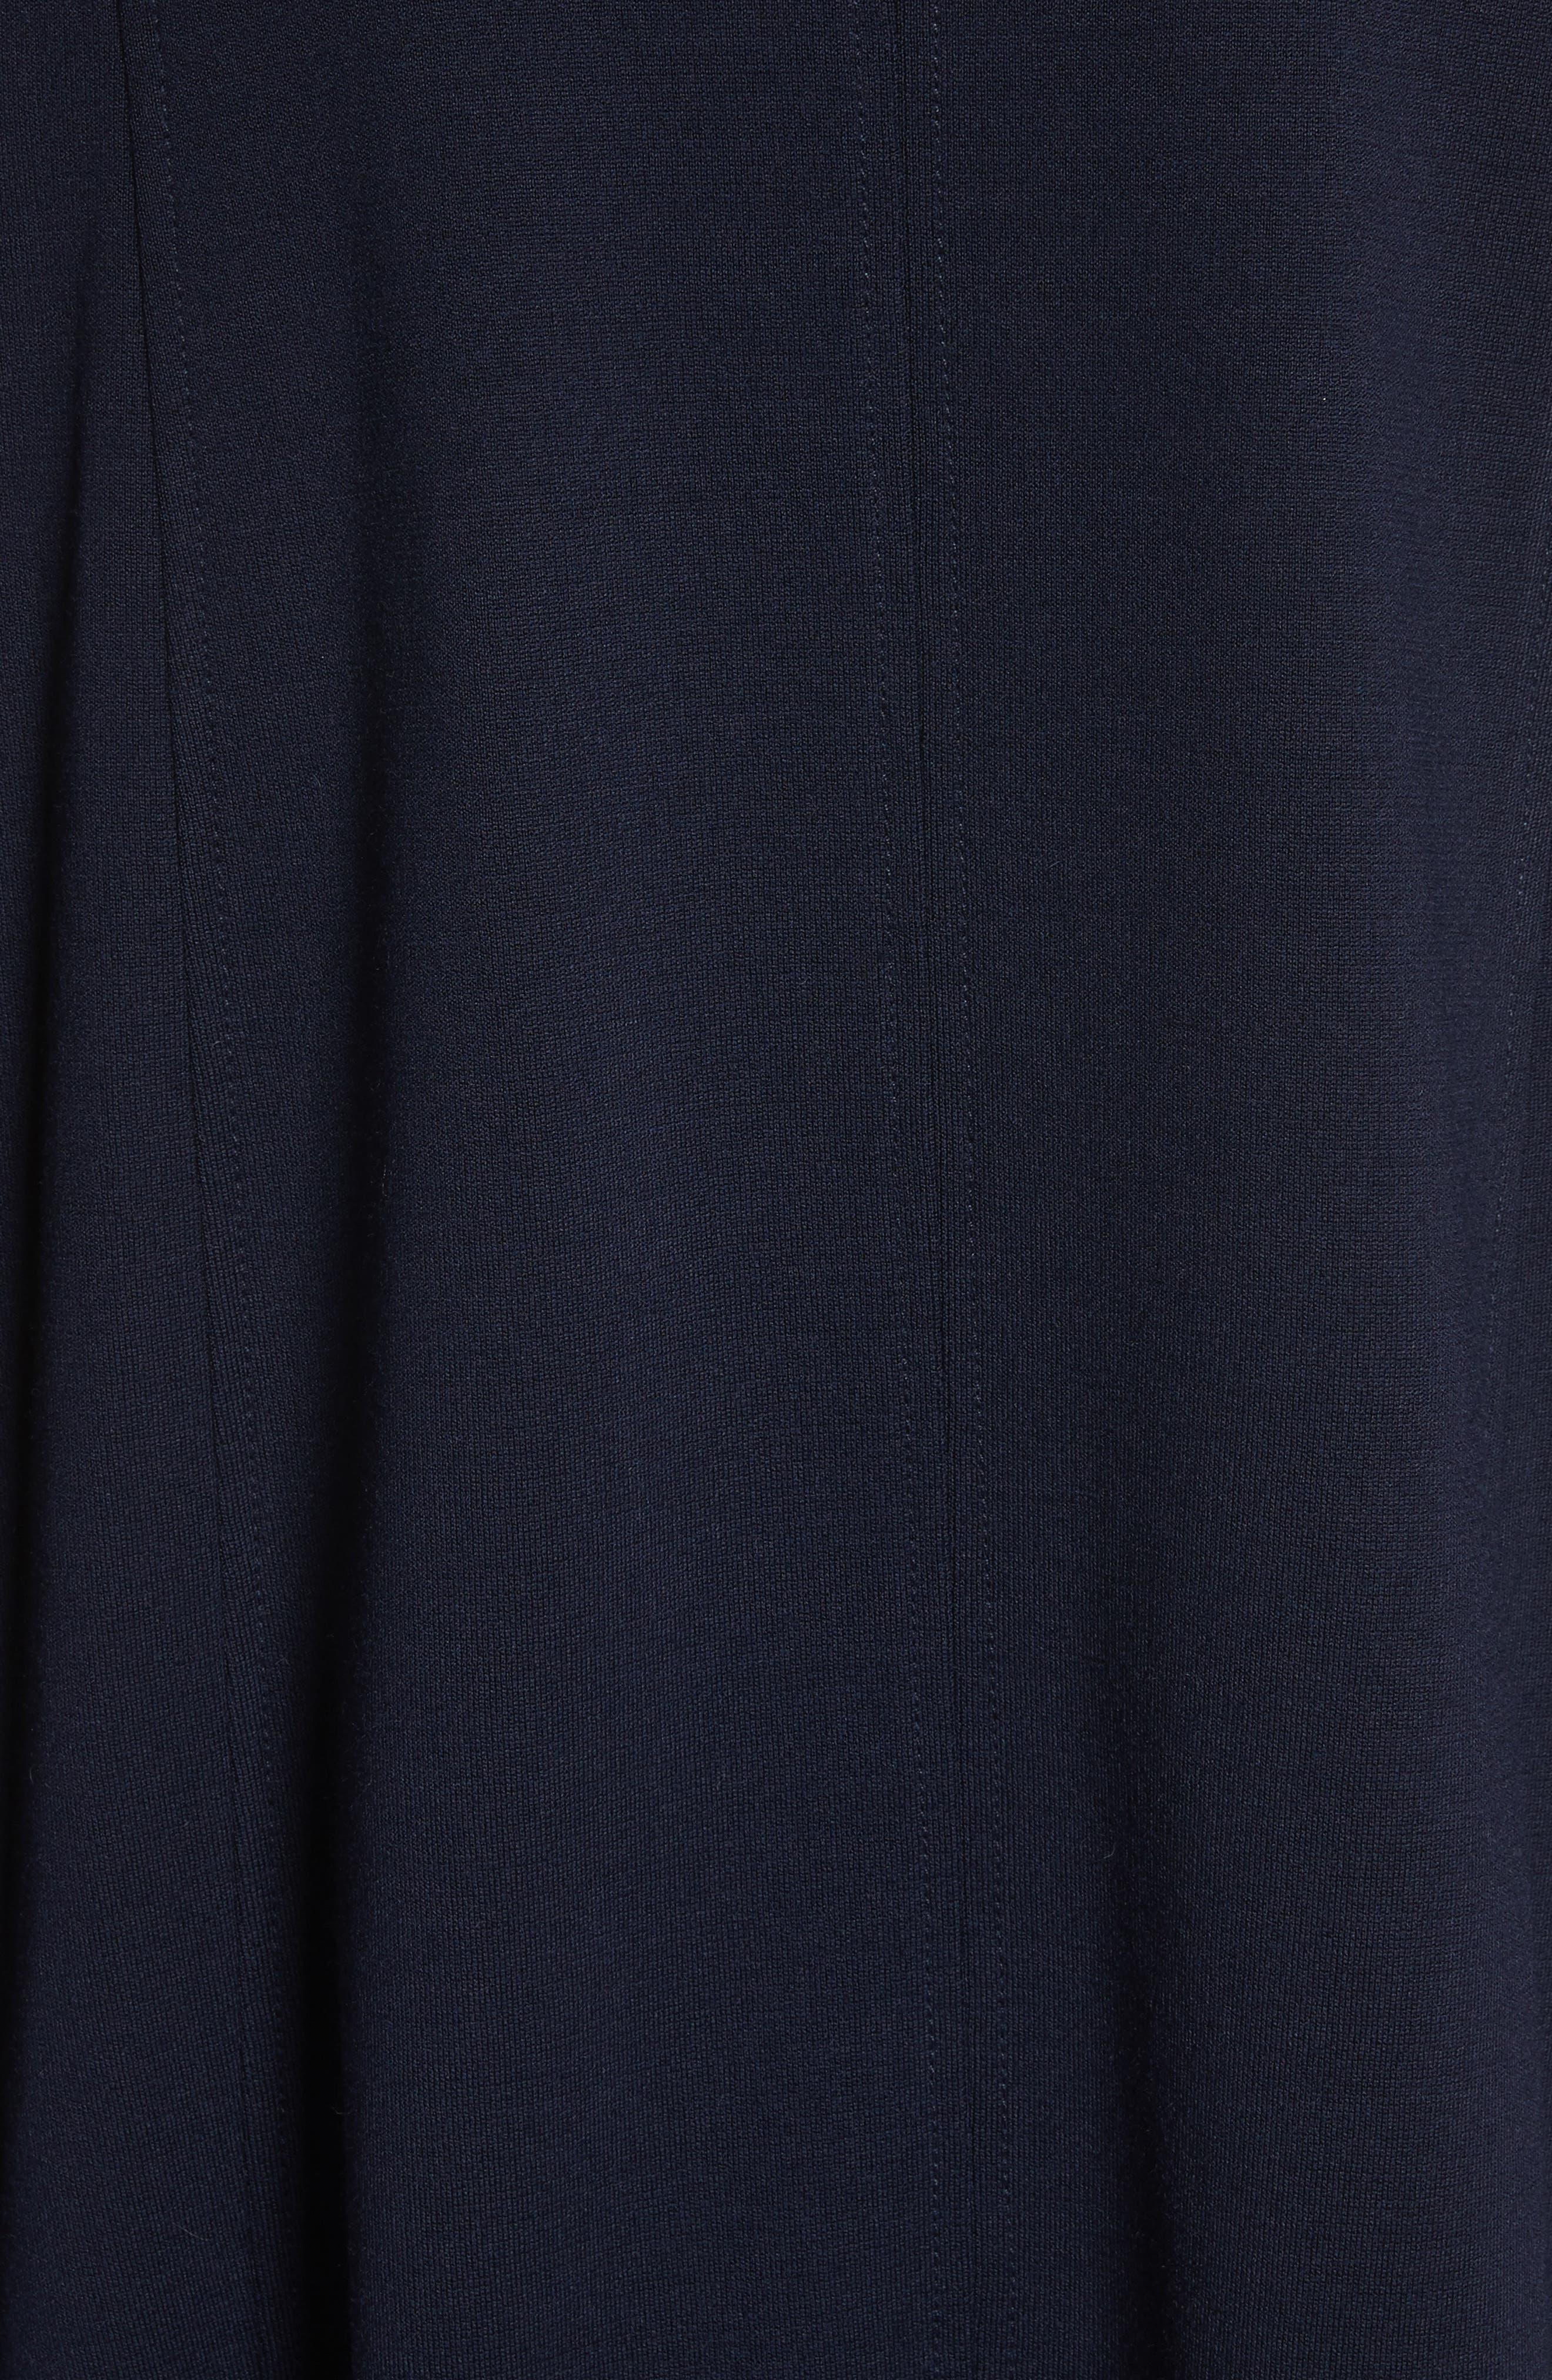 Circular Milano Knit Jacket,                             Alternate thumbnail 6, color,                             Navy